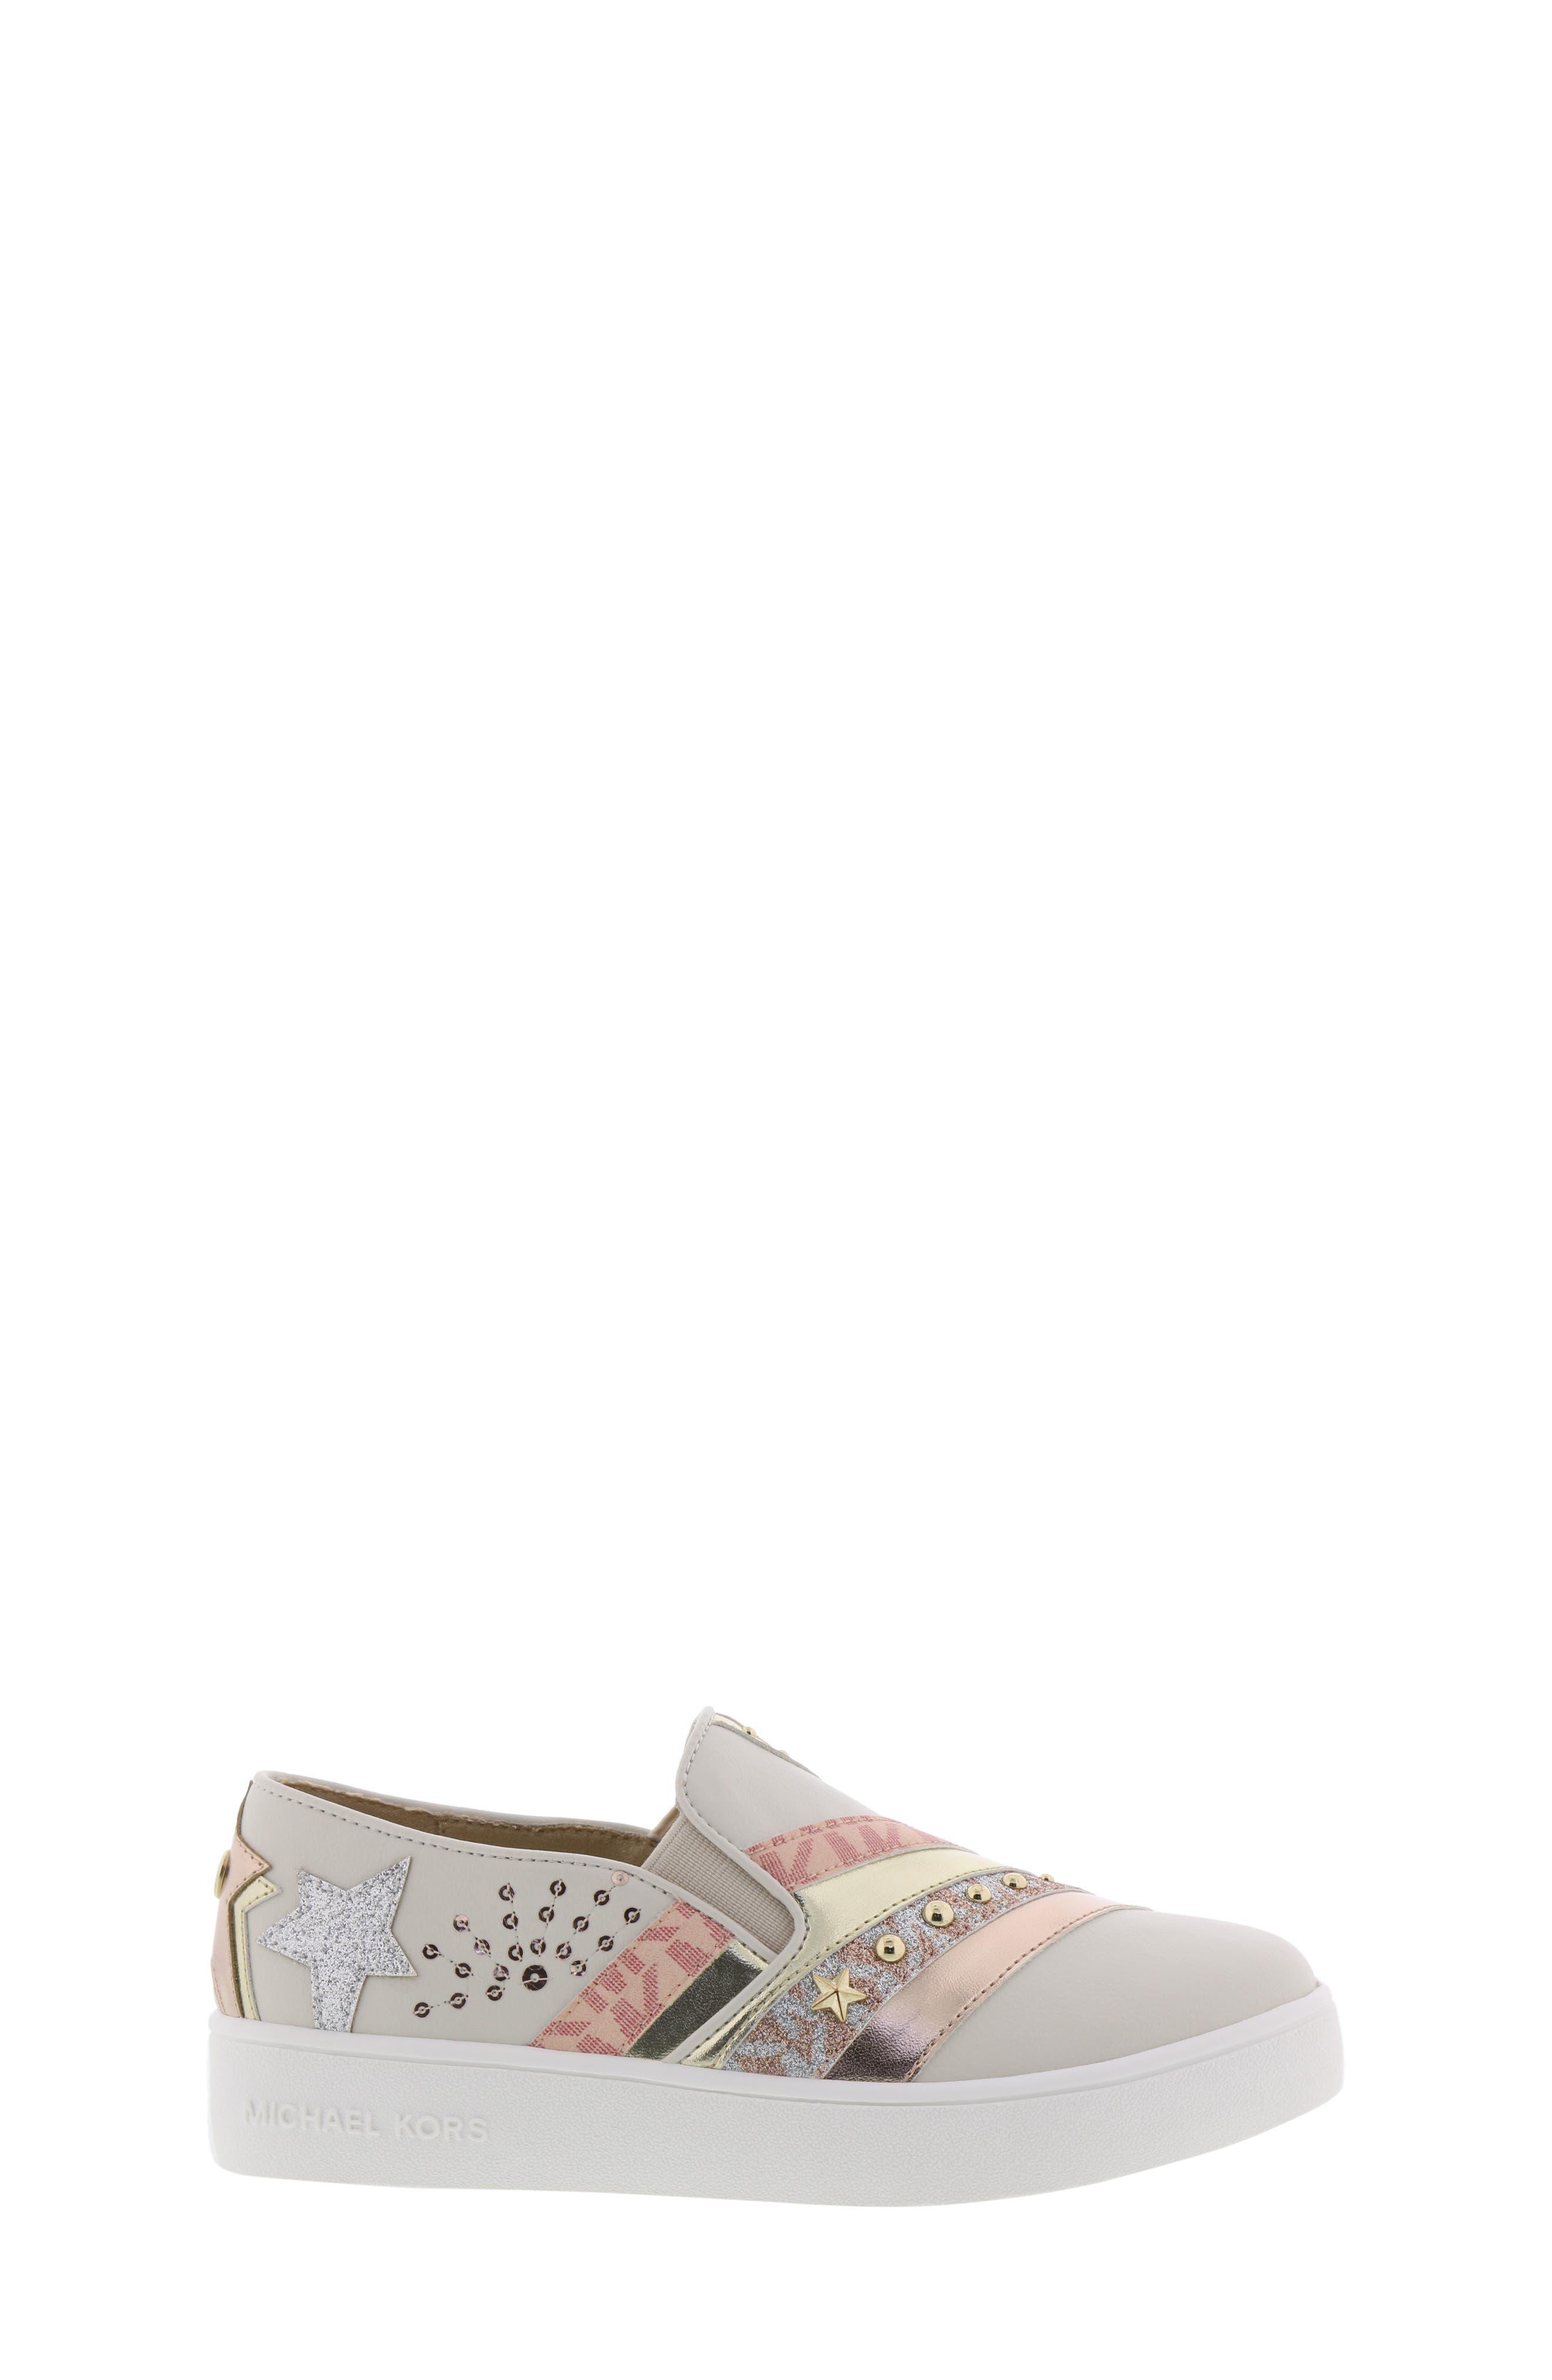 Jem Starlight Slip-On Sneaker,                             Alternate thumbnail 3, color,                             VANILLA